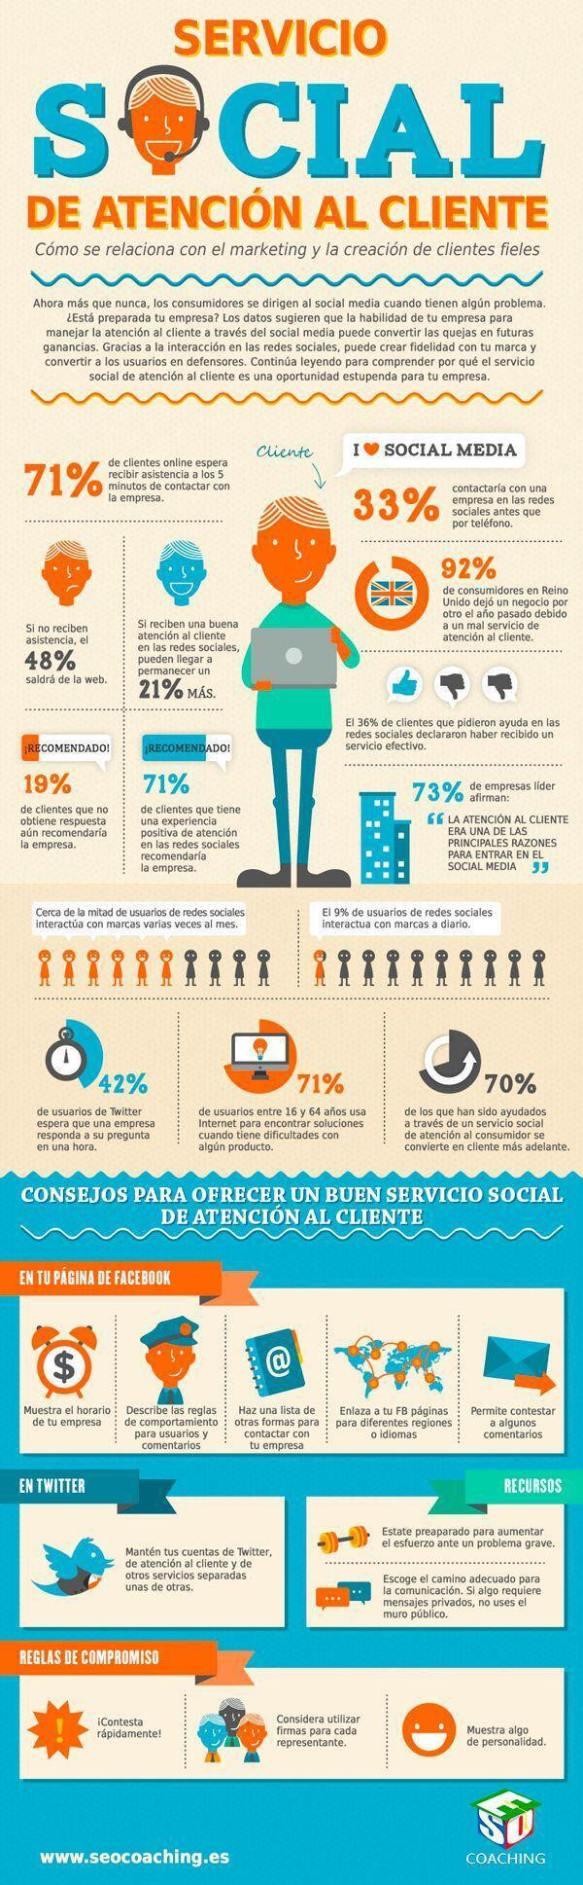 infografia-servicio-de-antencion-al-cliente-en-redes-sociales